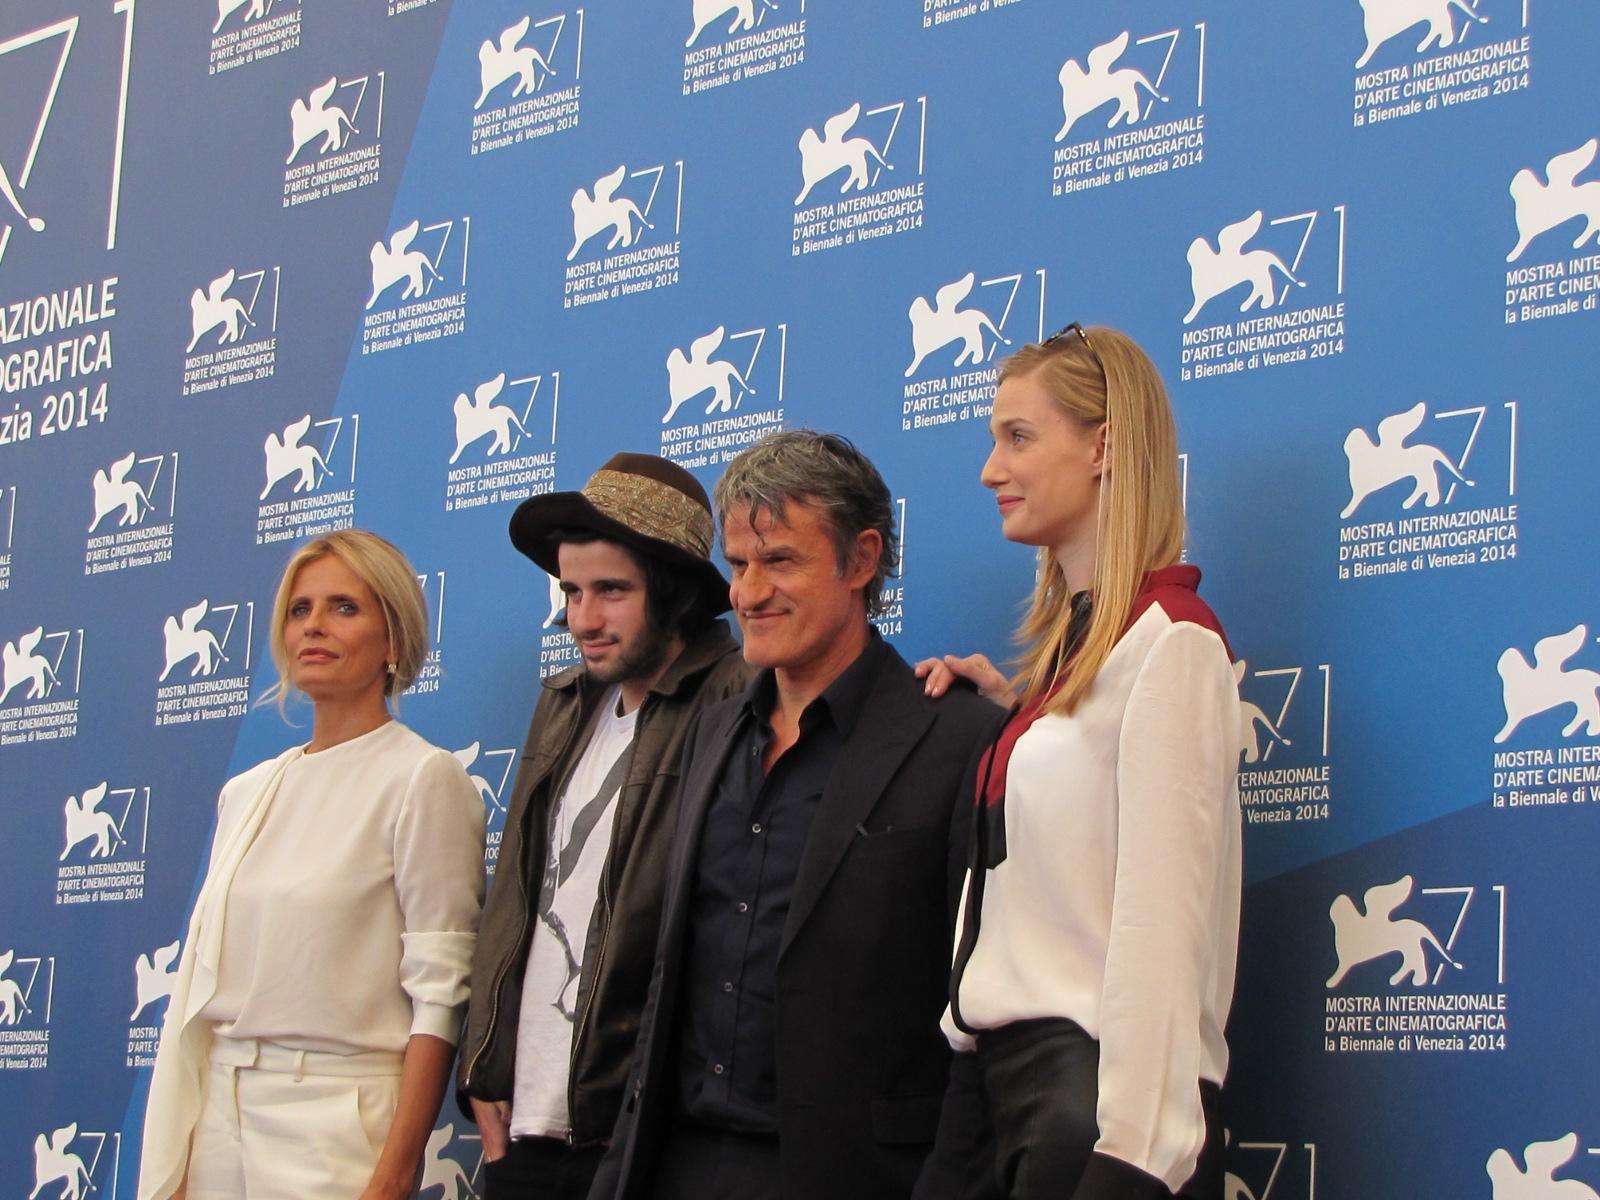 La vita oscena a Venezia 2014: il cast e regista